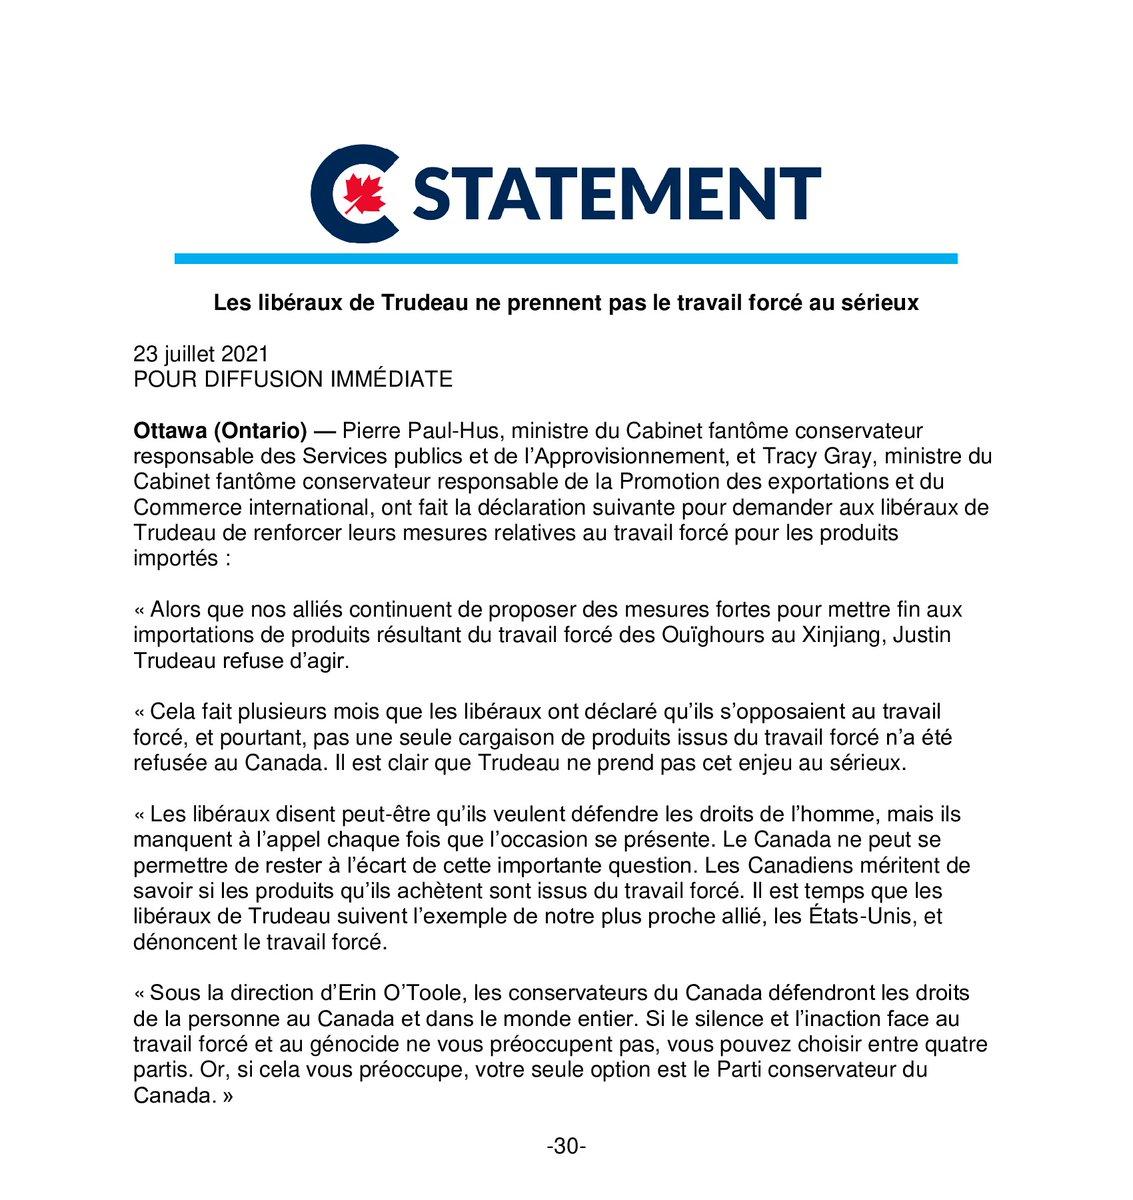 Alors que nos alliés continuent de proposer des mesures fortes pour mettre fin aux importations de produits résultant du travail forcé des Ouïghours au Xinjiang, Justin Trudeau refuse d'agir. https://t.co/QtKmrOeNVz